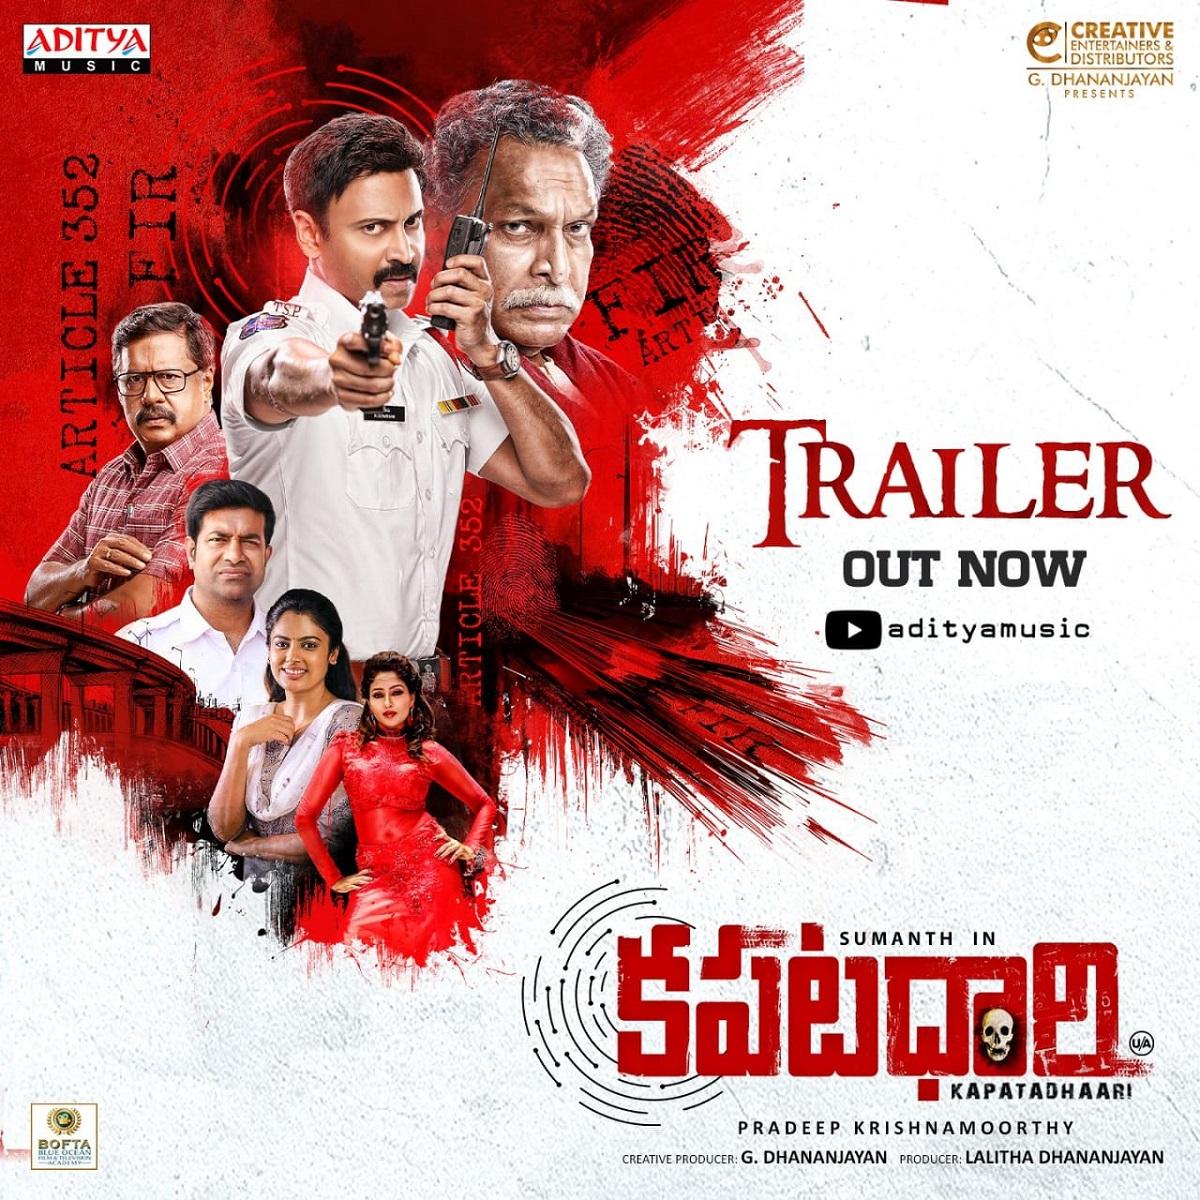 kapatadhari movie,kapatadhari stills,nagachaitanya,samantha,kapatadhari trailer  'కపటధారి' అసలు హంతకుడు ఎవరు?